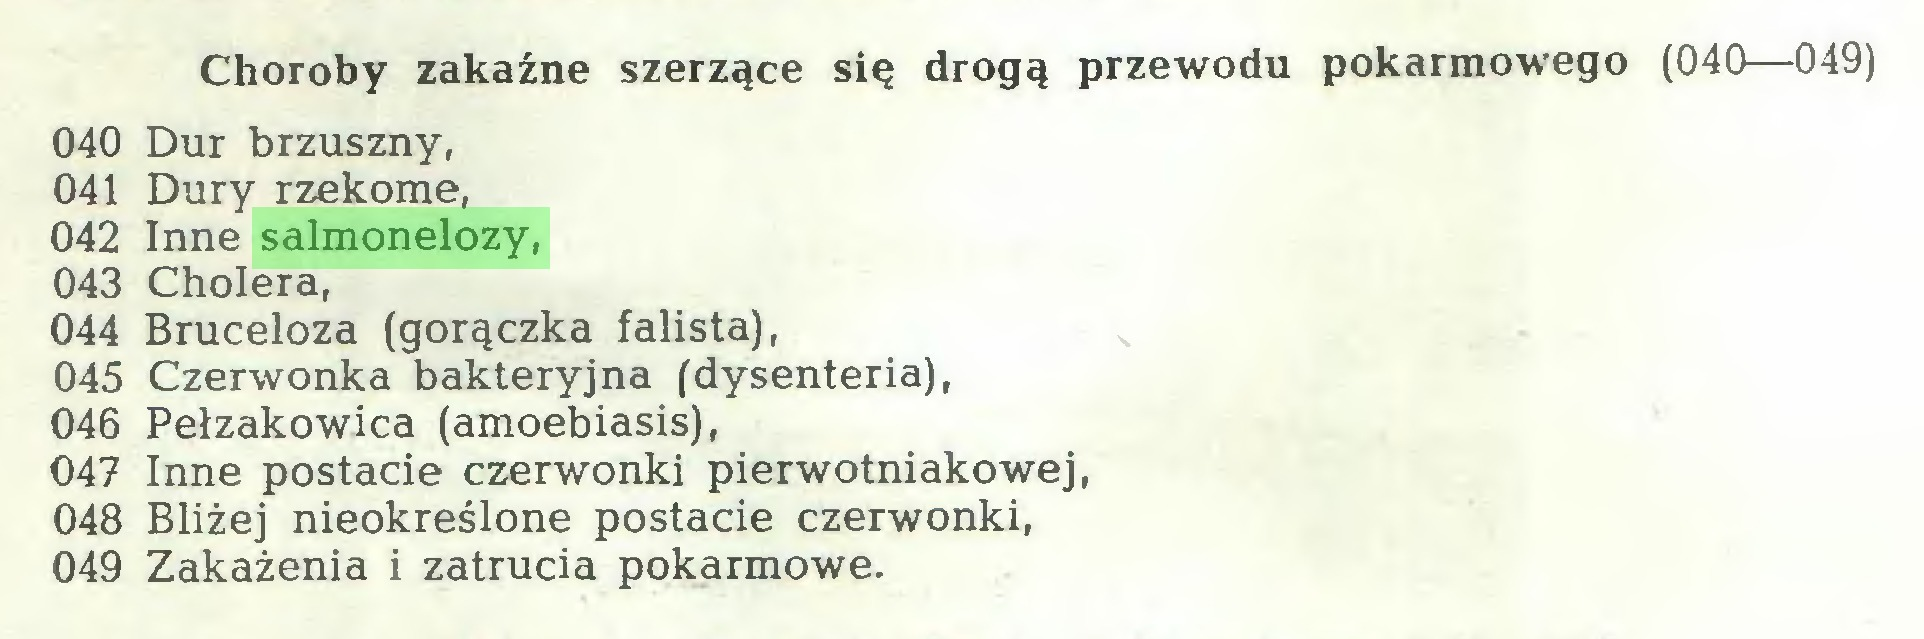 (...) Choroby zakaźne szerzące się drogą przewodu pokarmowego (040—049) 040 Dur brzuszny, 041 Dury rzekome, 042 Inne salmonelozy, 043 Cholera, 044 Bruceloza (gorączka falista), 045 Czerwonka bakteryjna (dysenteria), 046 Pełzakowica (amoebiasis), 047 Inne postacie czerwonki pierwotniakowej, 048 Bliżej nieokreślone postacie czerwonki, 049 Zakażenia i zatrucia pokarmowe...